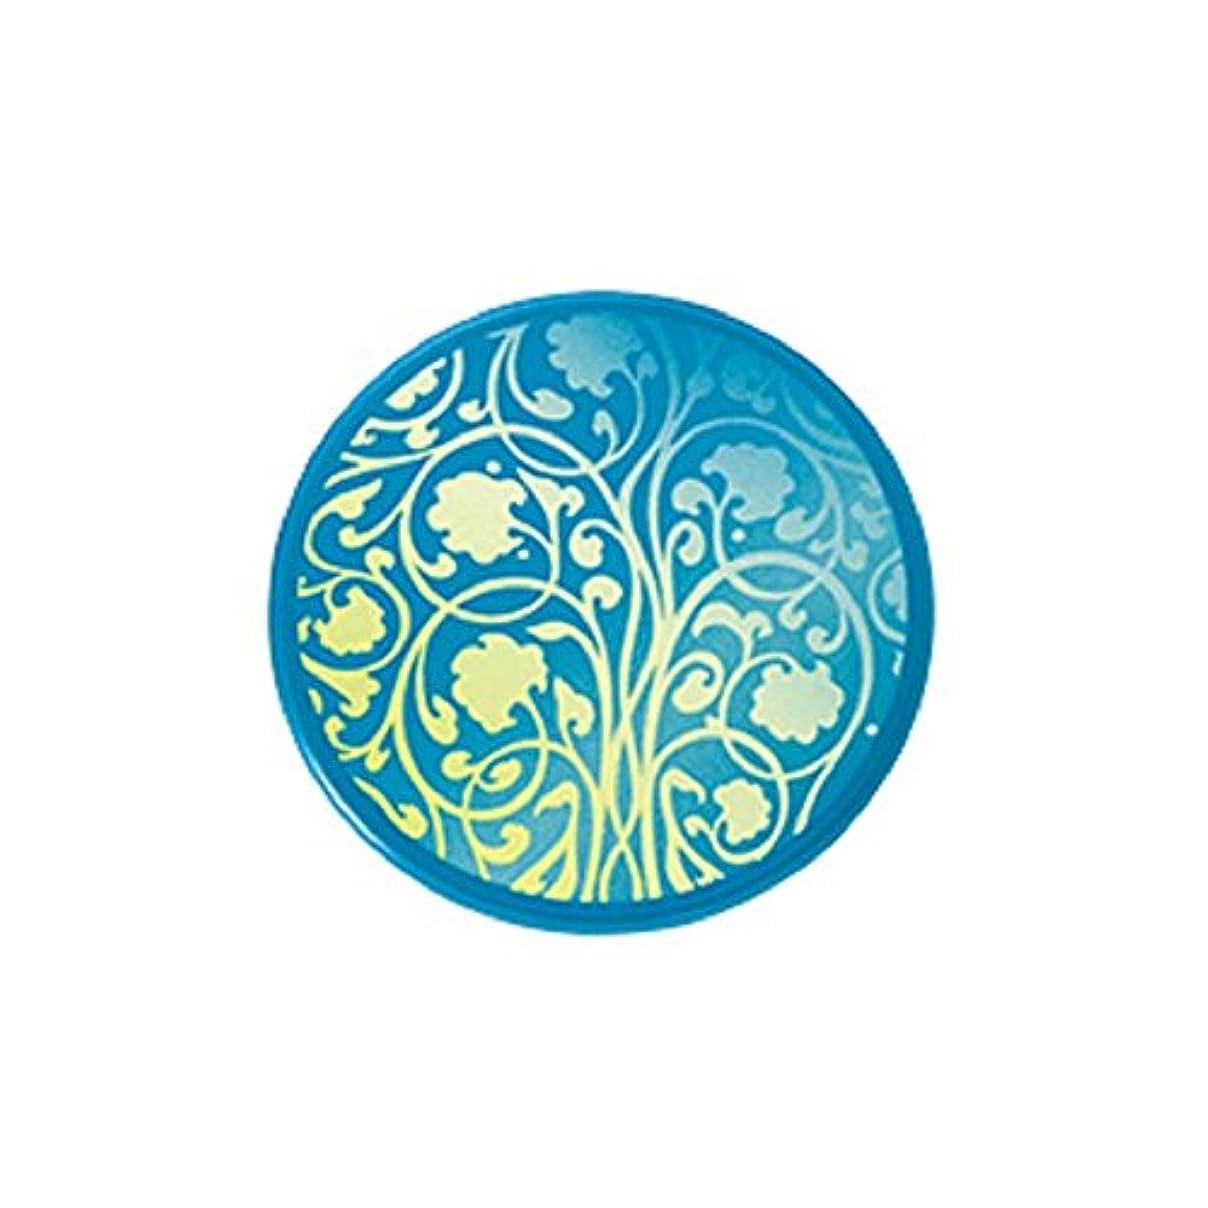 ループ支店マサッチョアユーラ (AYURA) ウェルフィット アロマバーム 14g 〈ソリッドパヒューム〉 心地よい森林の香気